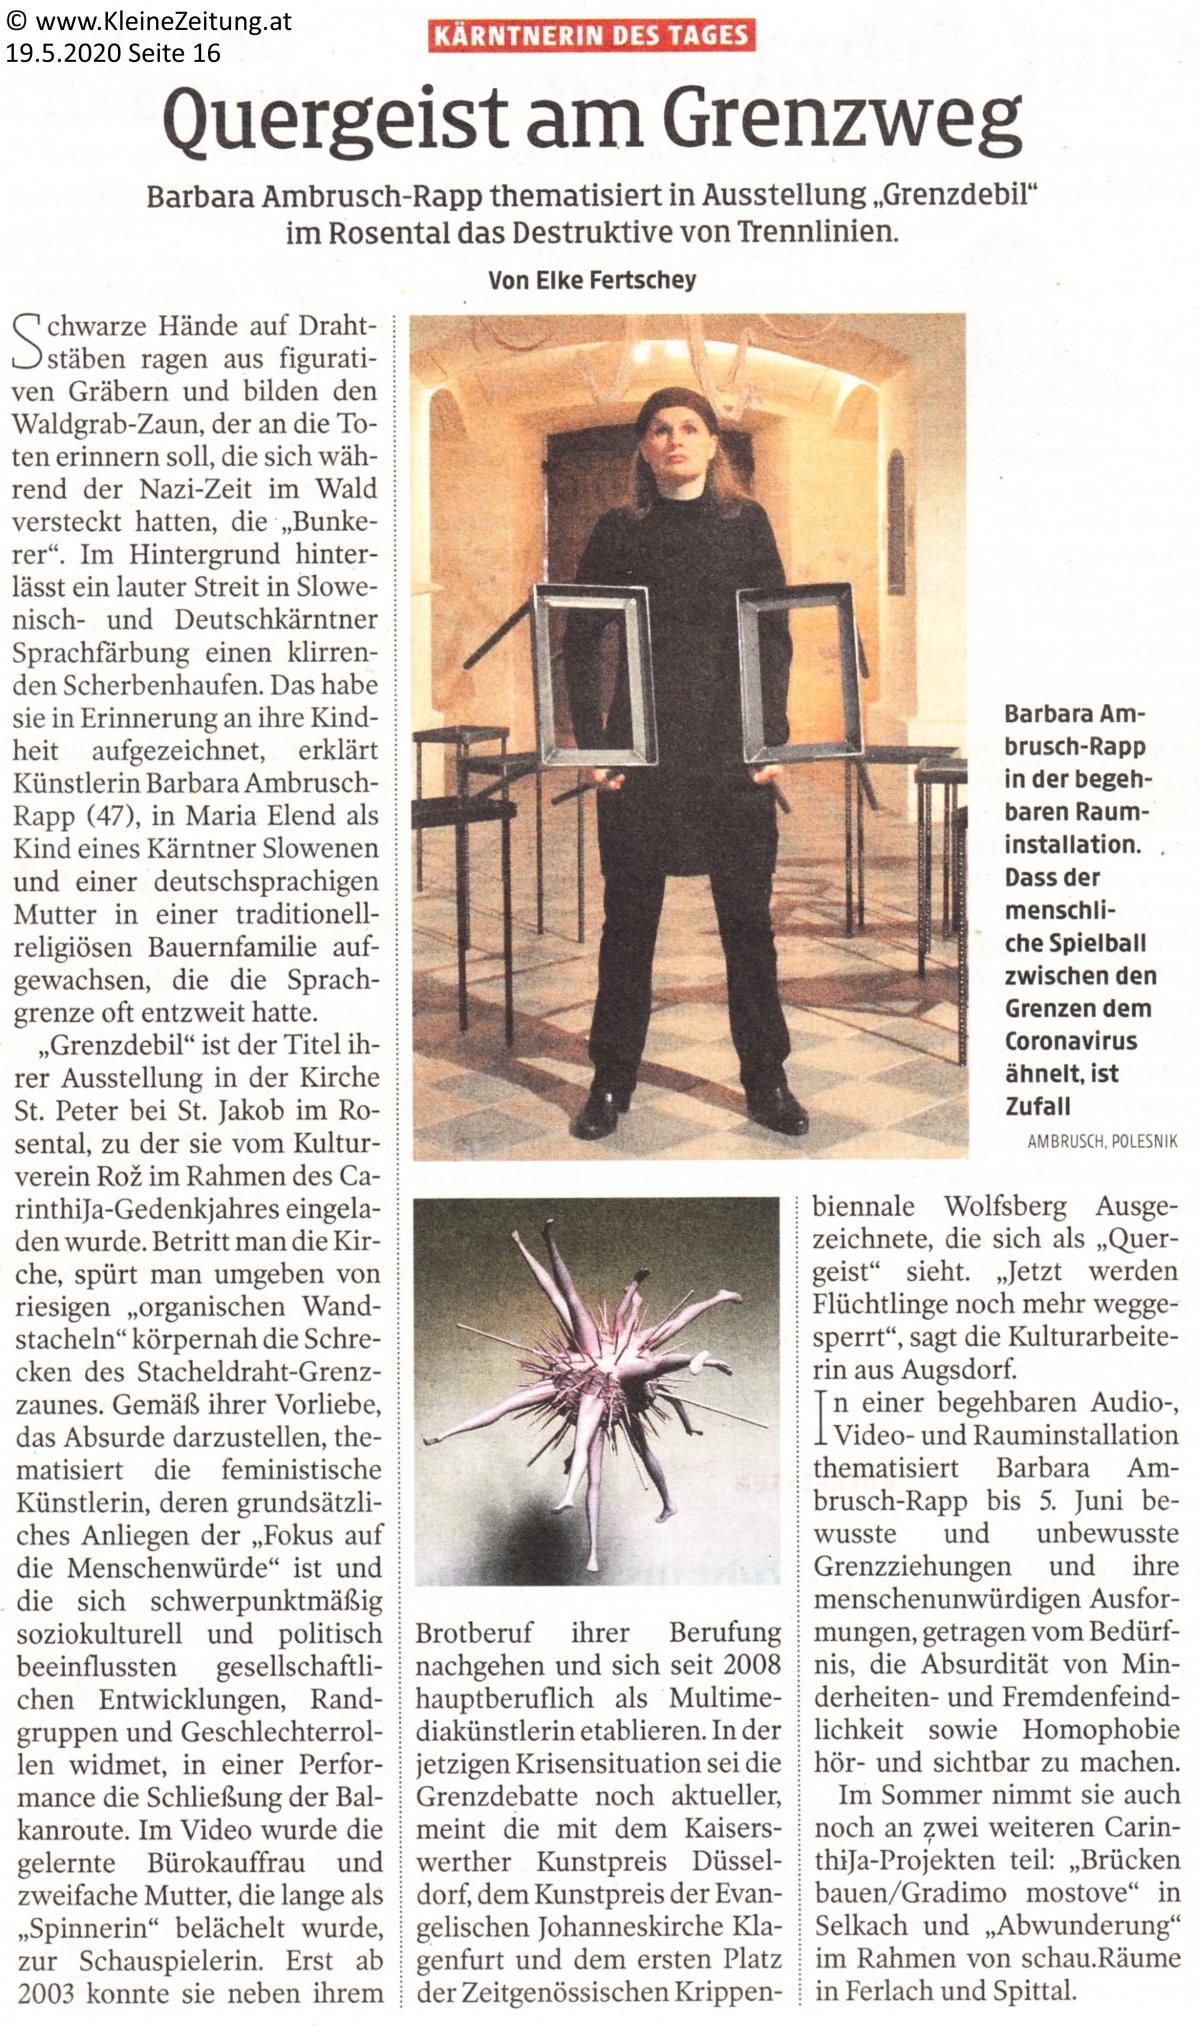 Kärntnerin des Tages, Barbara Ambrusch-Rapp, Kleine Zeitung 19.05.2020